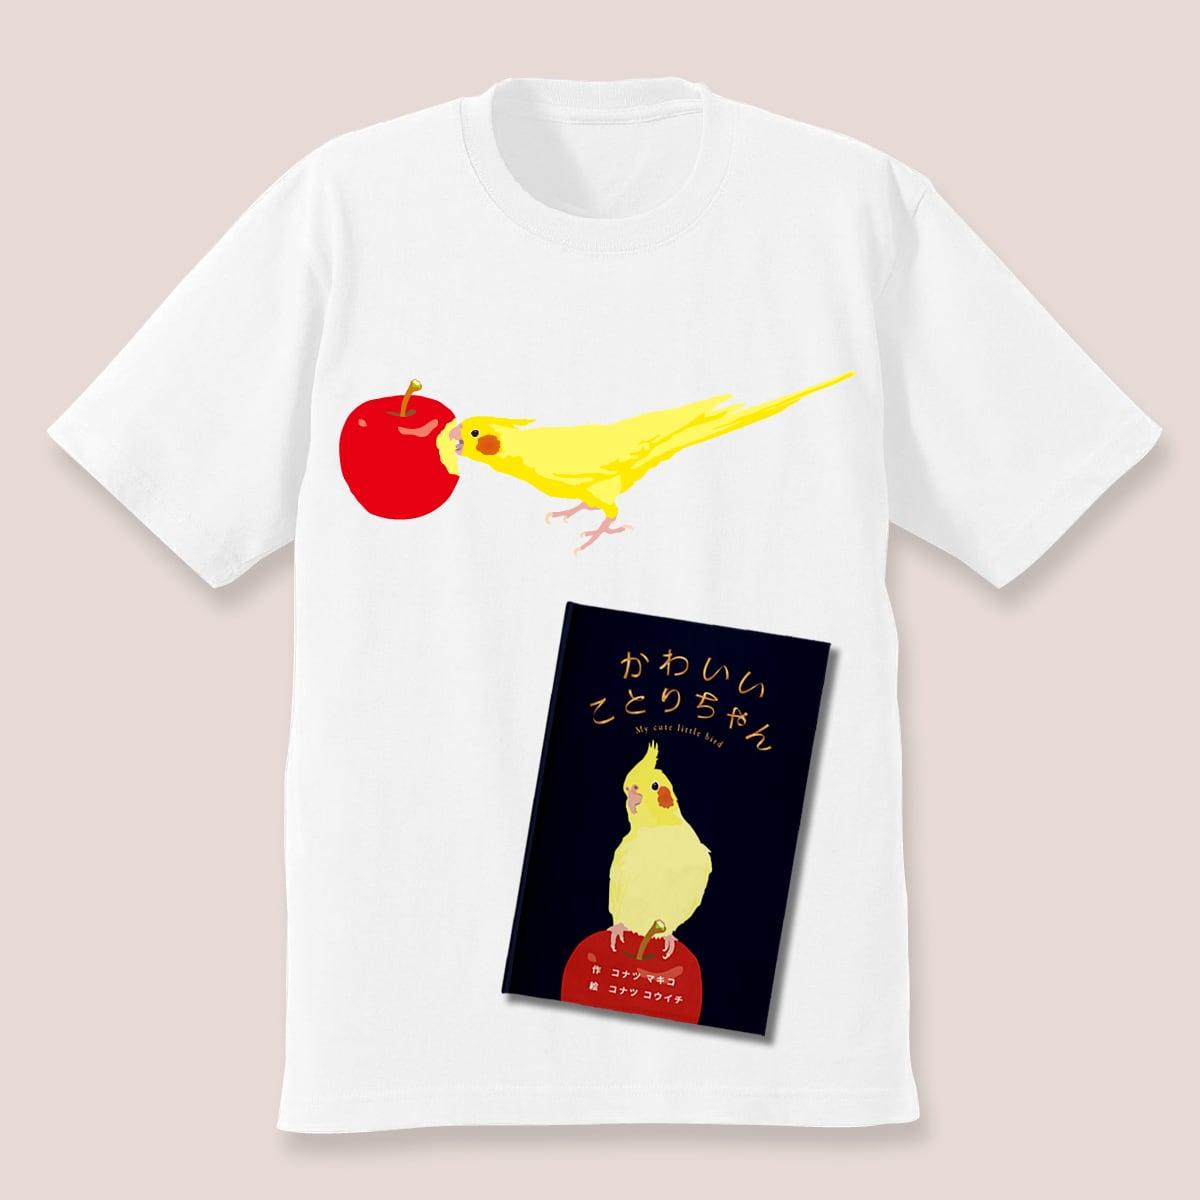 2点セット 絵本『かわいいことりちゃん』(イラスト&サイン入り)りんごとことりちゃんTシャツ